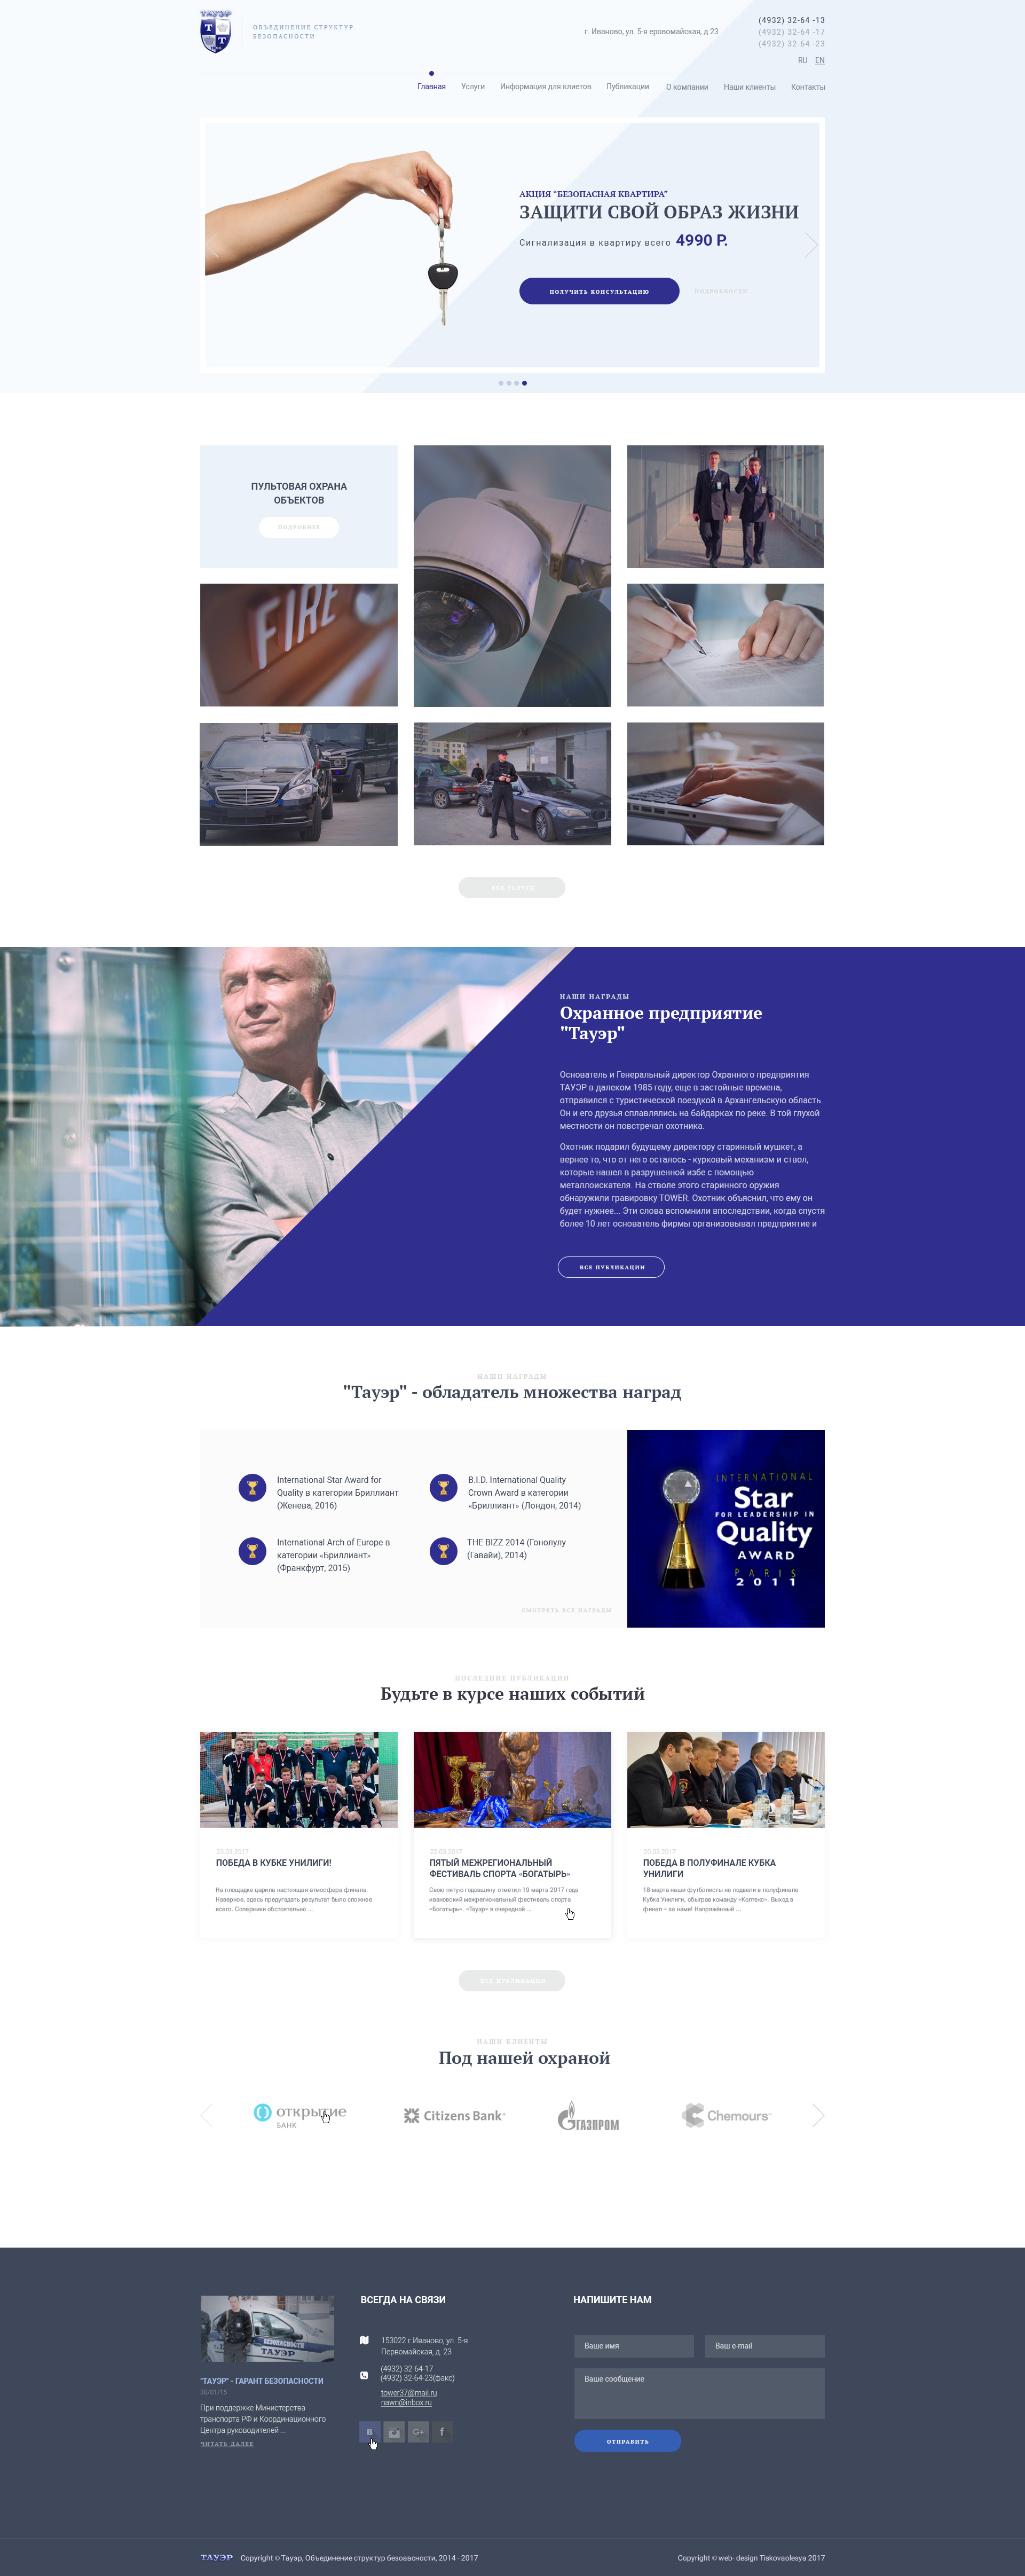 Редизайн существующего сайта компании (ЗАВЕРШЁН) фото f_53858f49223f3095.jpg